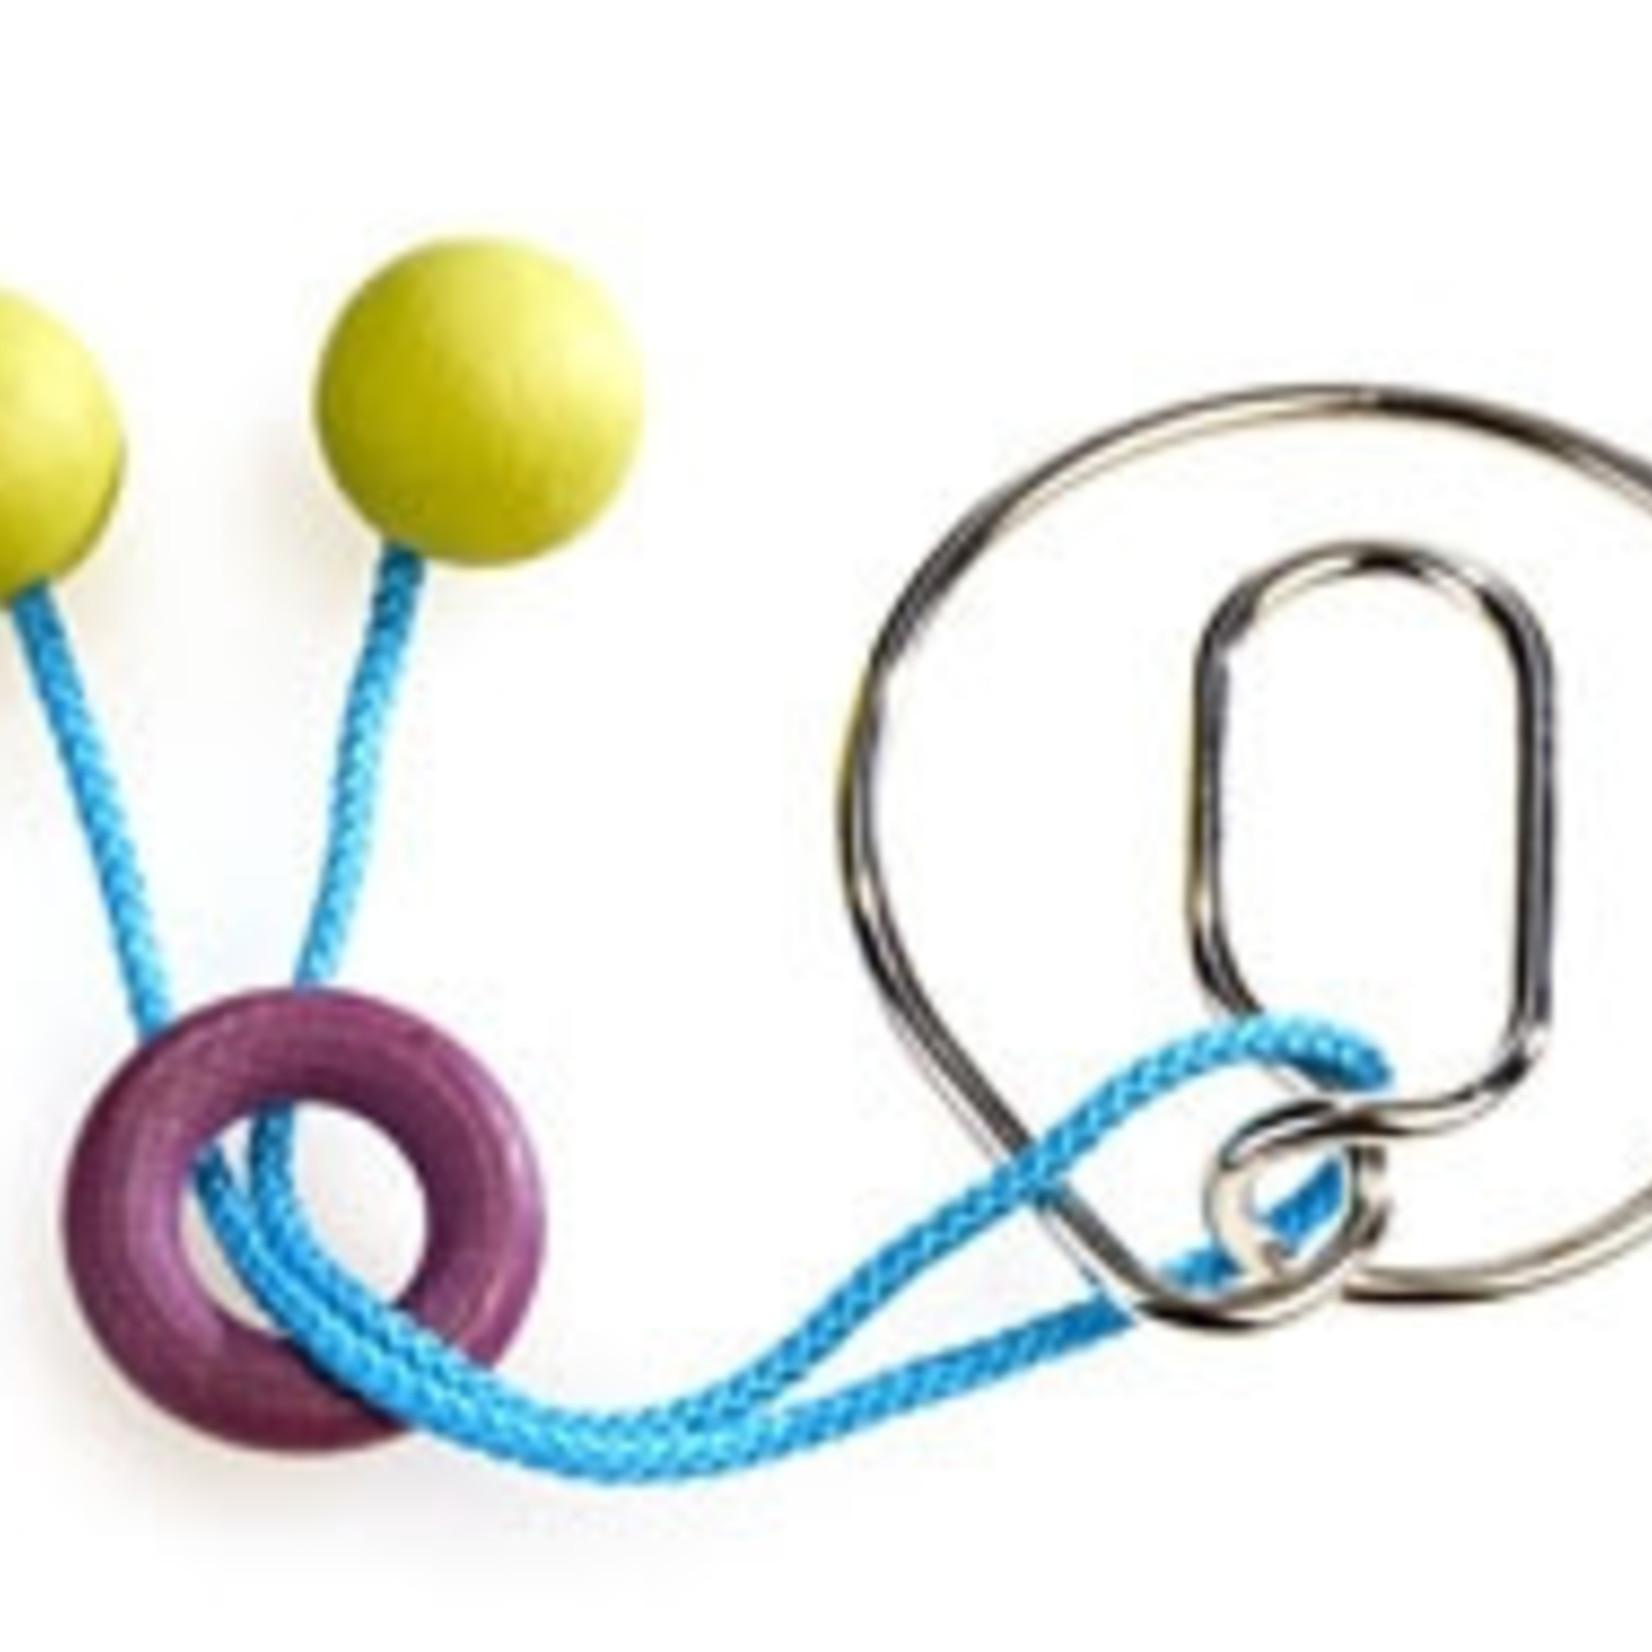 Eureka Verwijder de ring en het touw en zet hem weer in elkaar voor het volgende slachtoffer